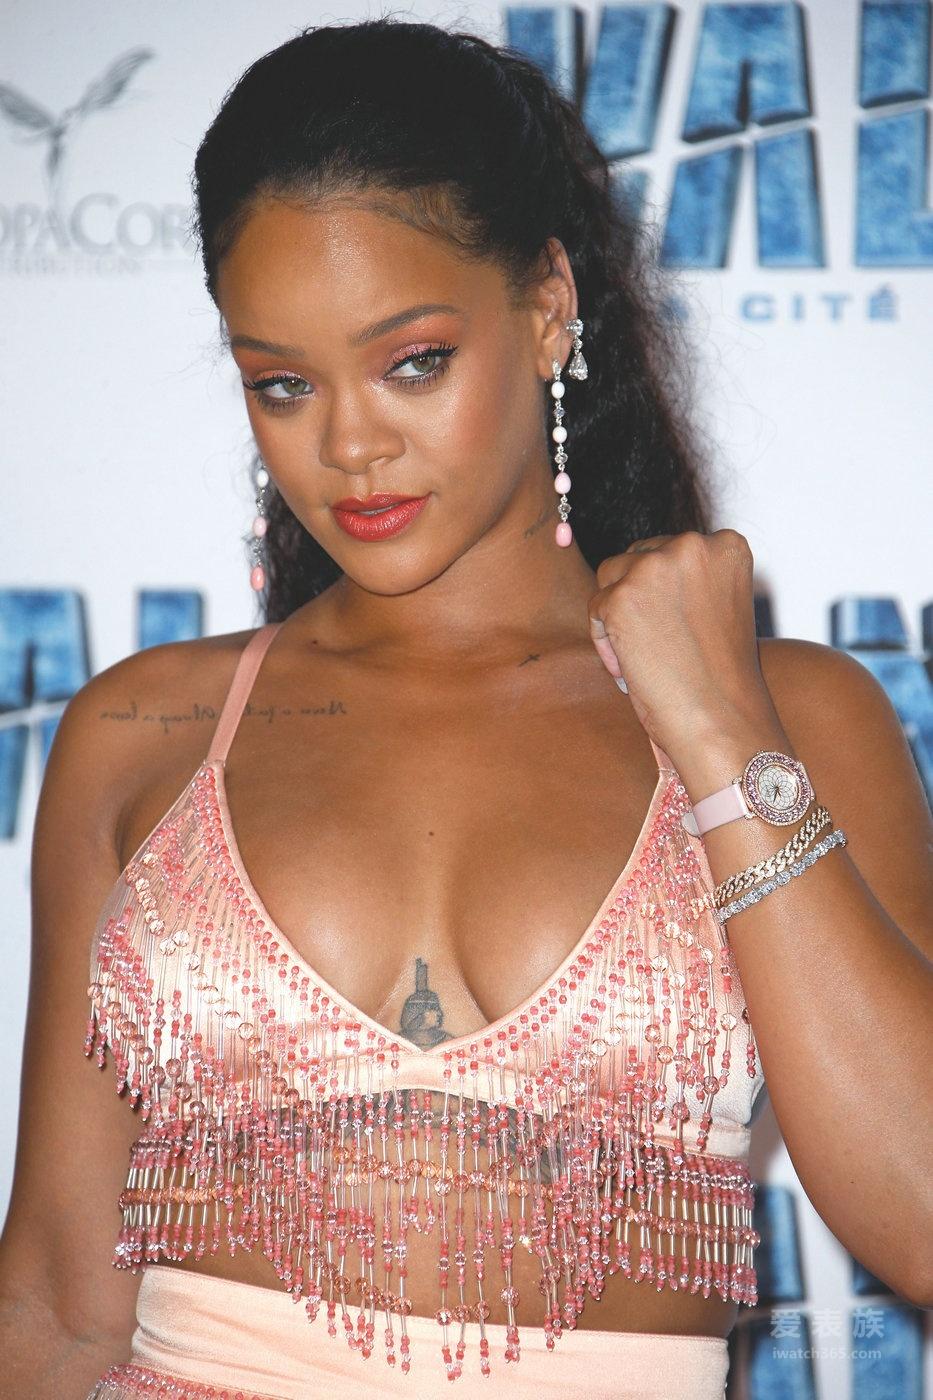 蕾哈娜(Rihanna)佩戴Chopard萧邦珠宝及腕表出席《星际特工:千星之城》